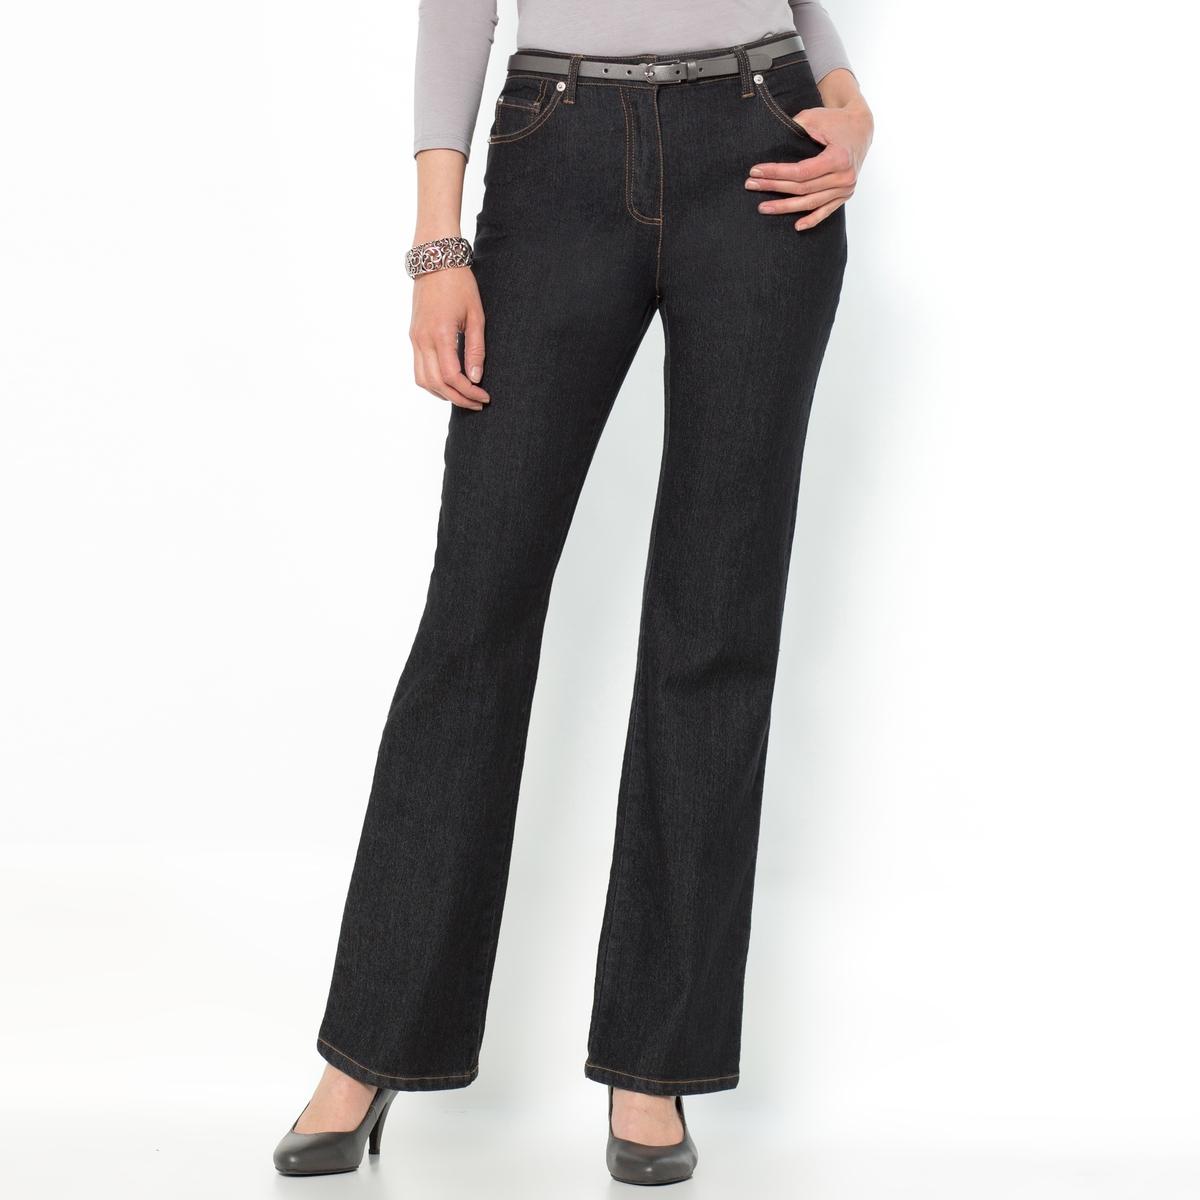 Джинсы расклешенного покроя из денима стретч джинсы расклешенного покроя из денима стретч